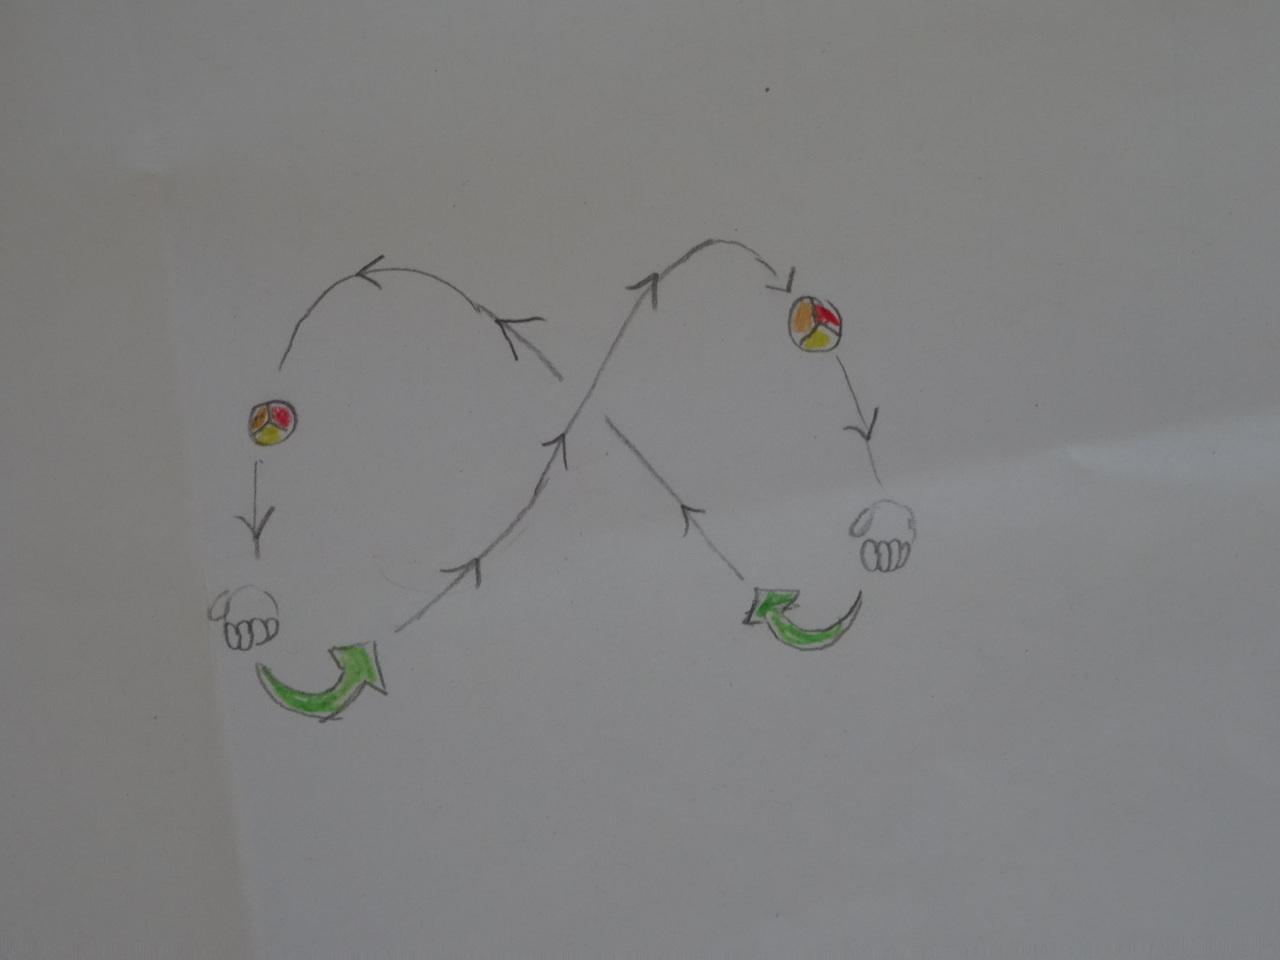 So sollte die Wurfbahn eines Balles aussehen